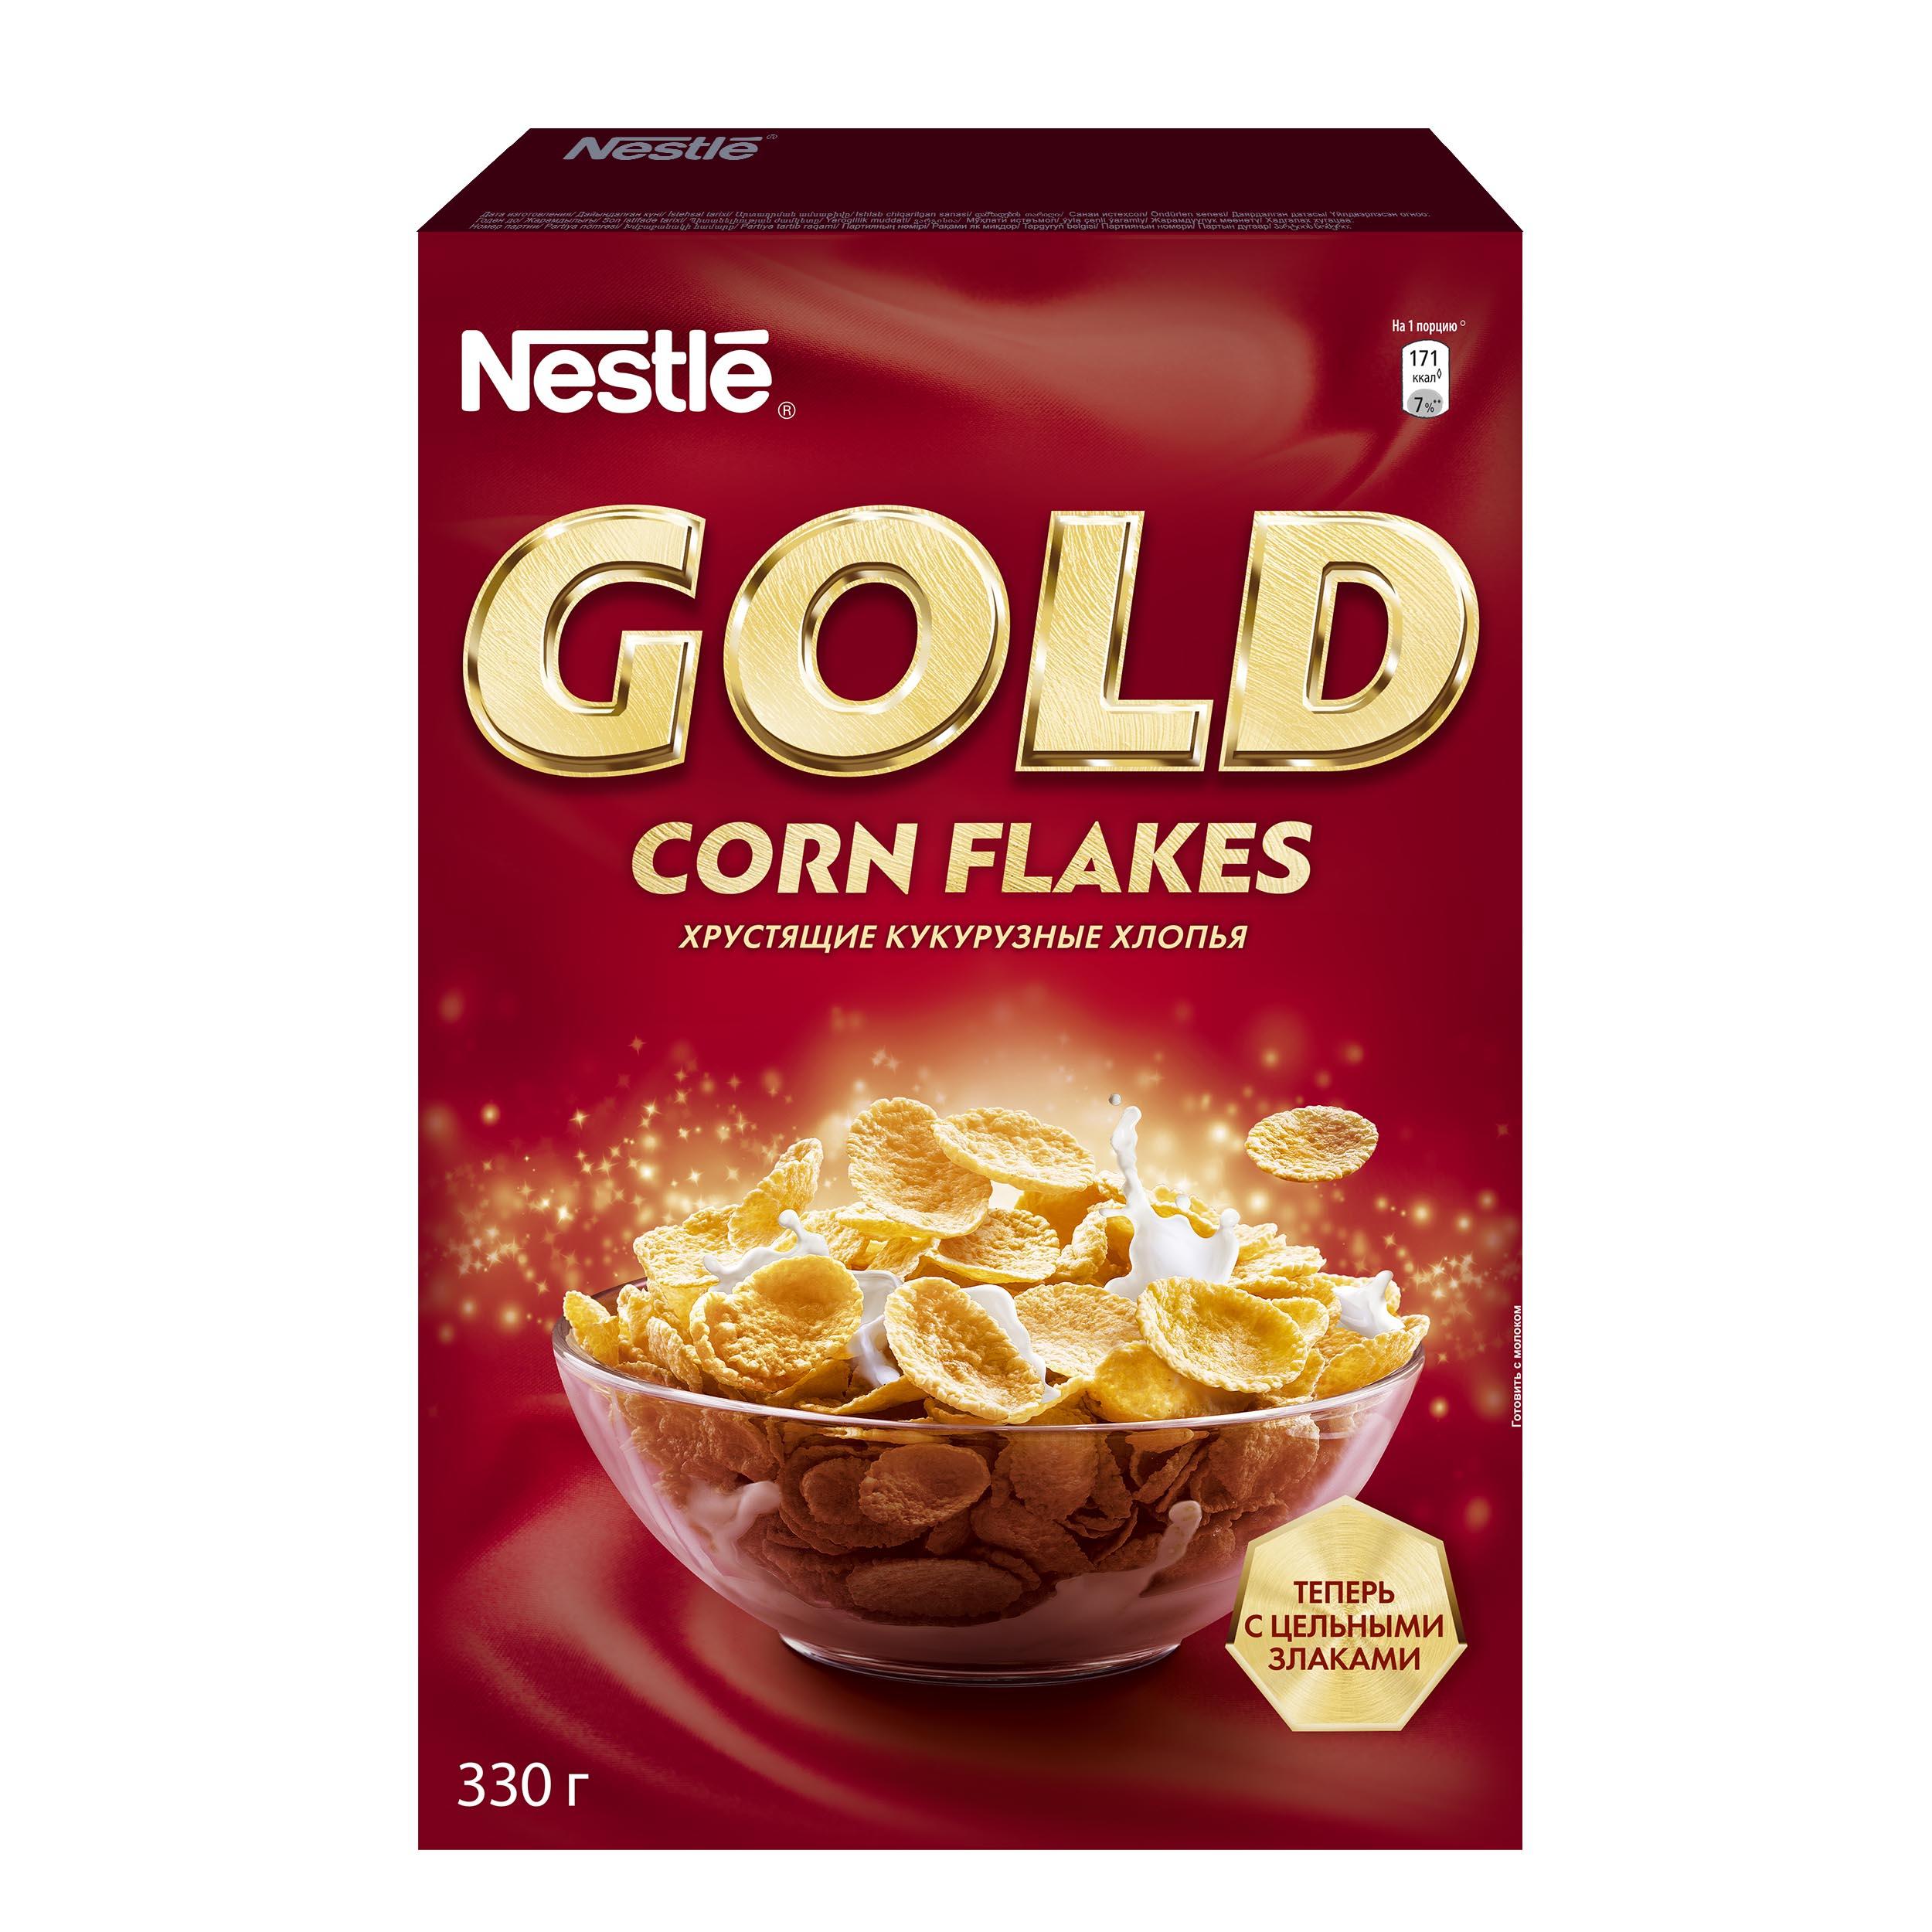 Готовые завтраки Nestle gold голд кукурузные хлопья 330 г